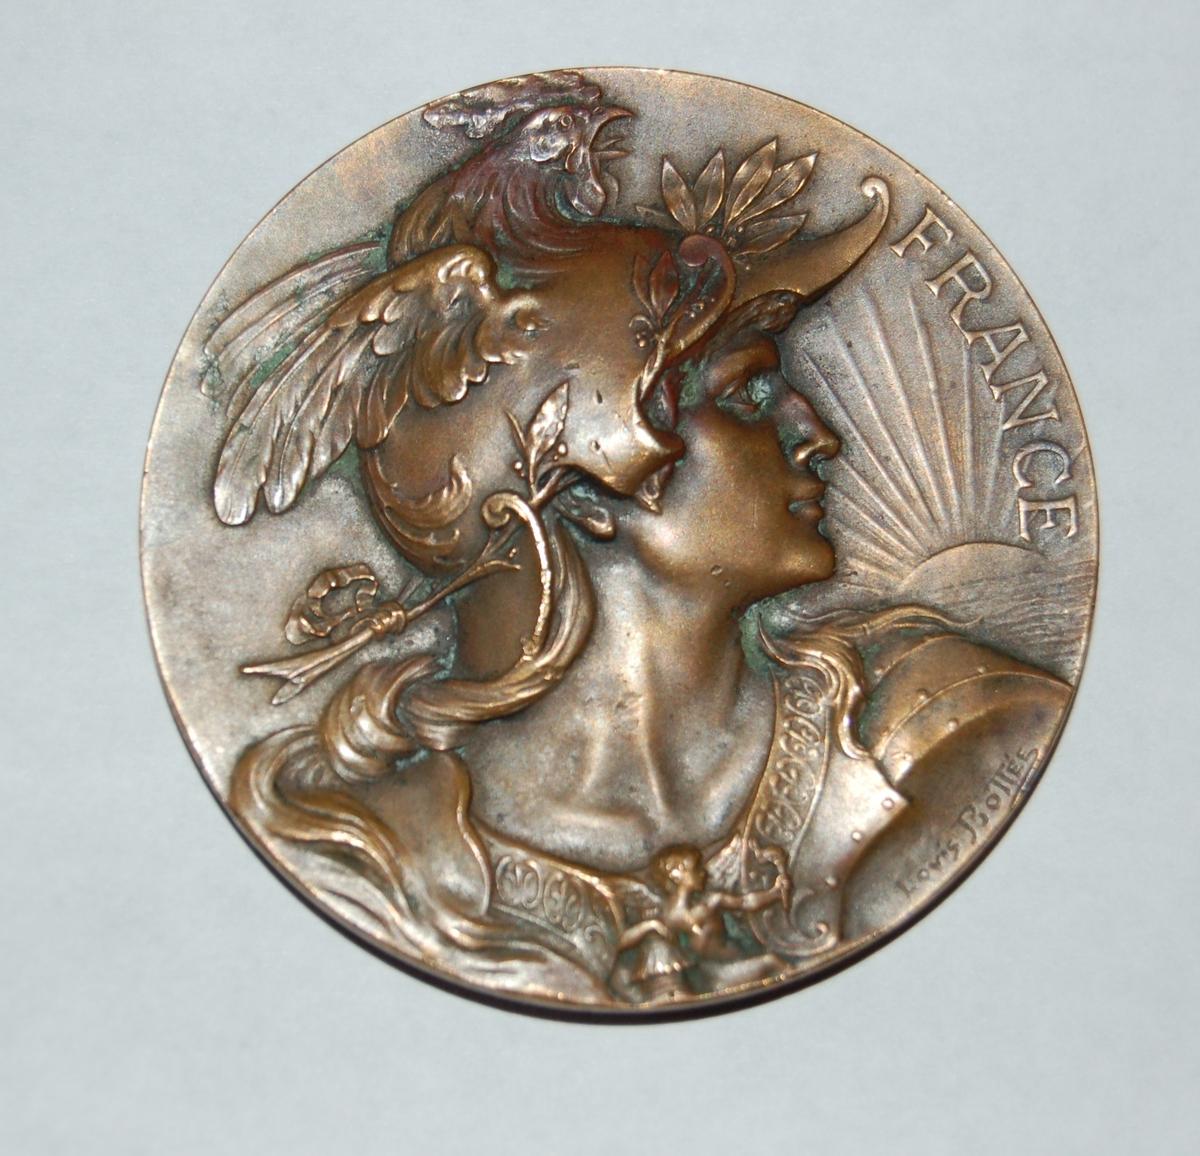 På forsiden er det eit portrett av truleg ein helgen e.l., og ordet FRANCE På baksiden er det en kvinnefigur som holder i enden av en rosenkrans som omgir en sirkelplate med medaljens formål nedskrevet, og kven den er dedikert til.